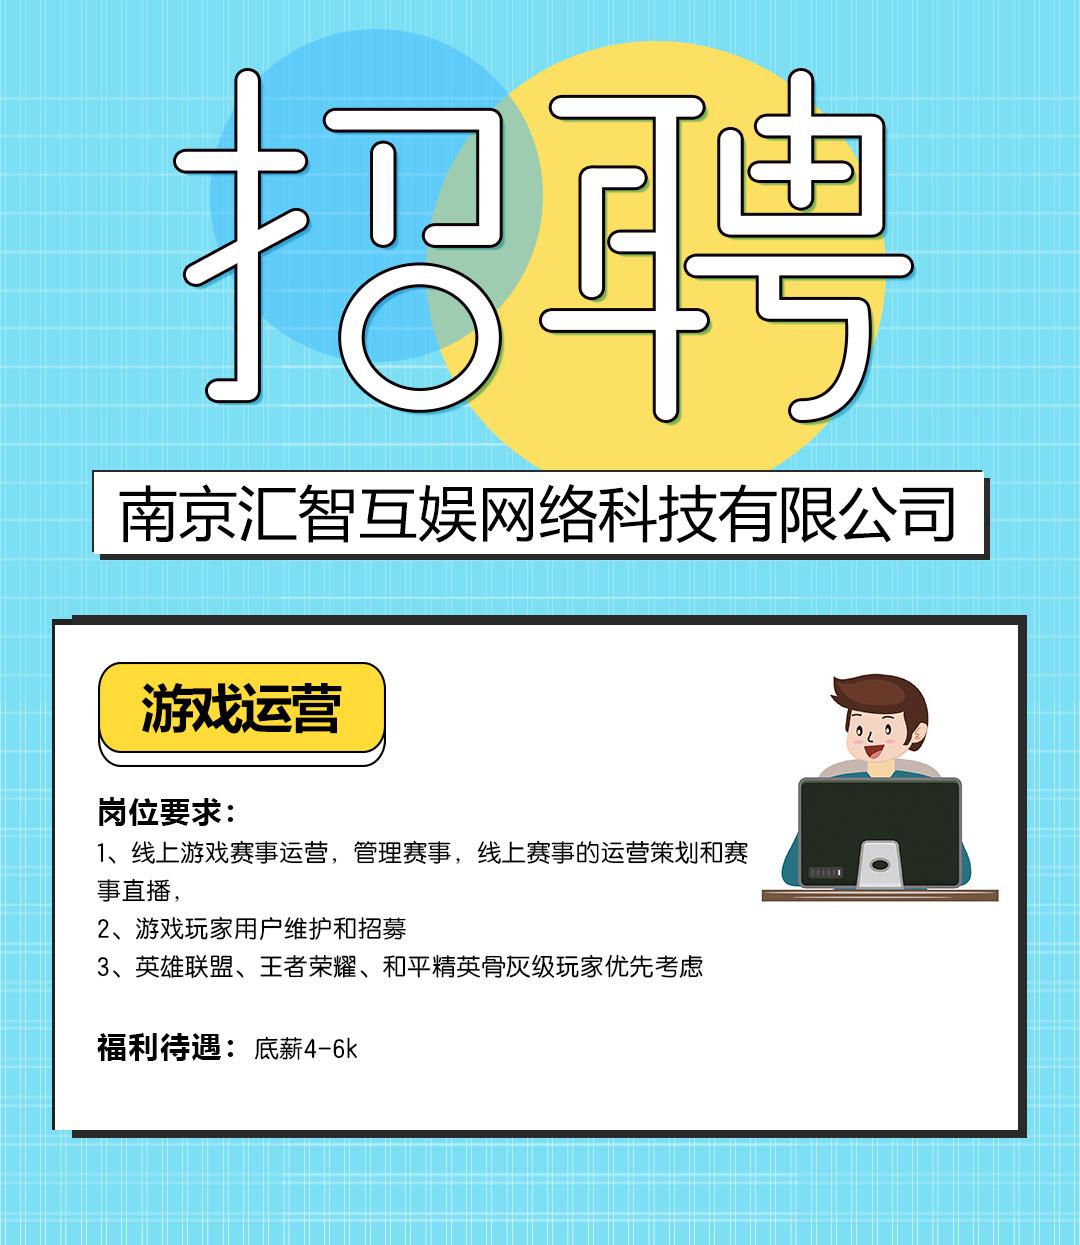 南京汇智互娱网络科技有限公司